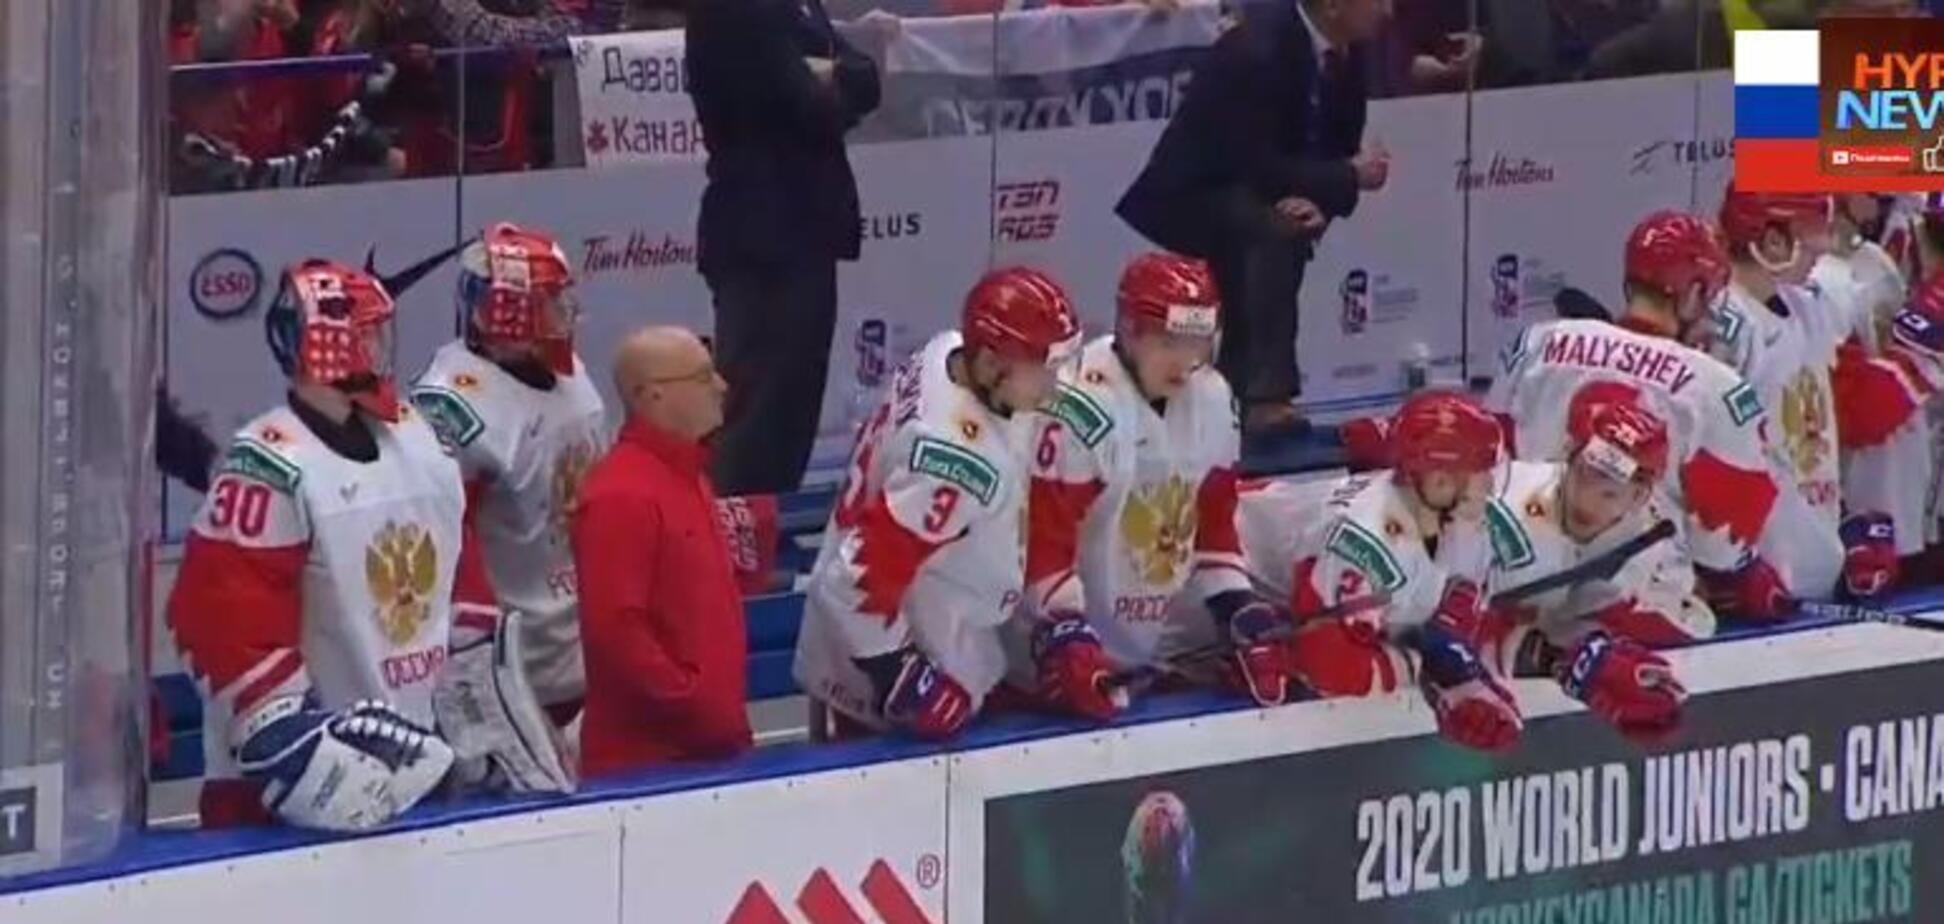 Над збірною Росії поглумилися в прямому ефірі фіналу ЧС із хокею U-20 – фотофакт